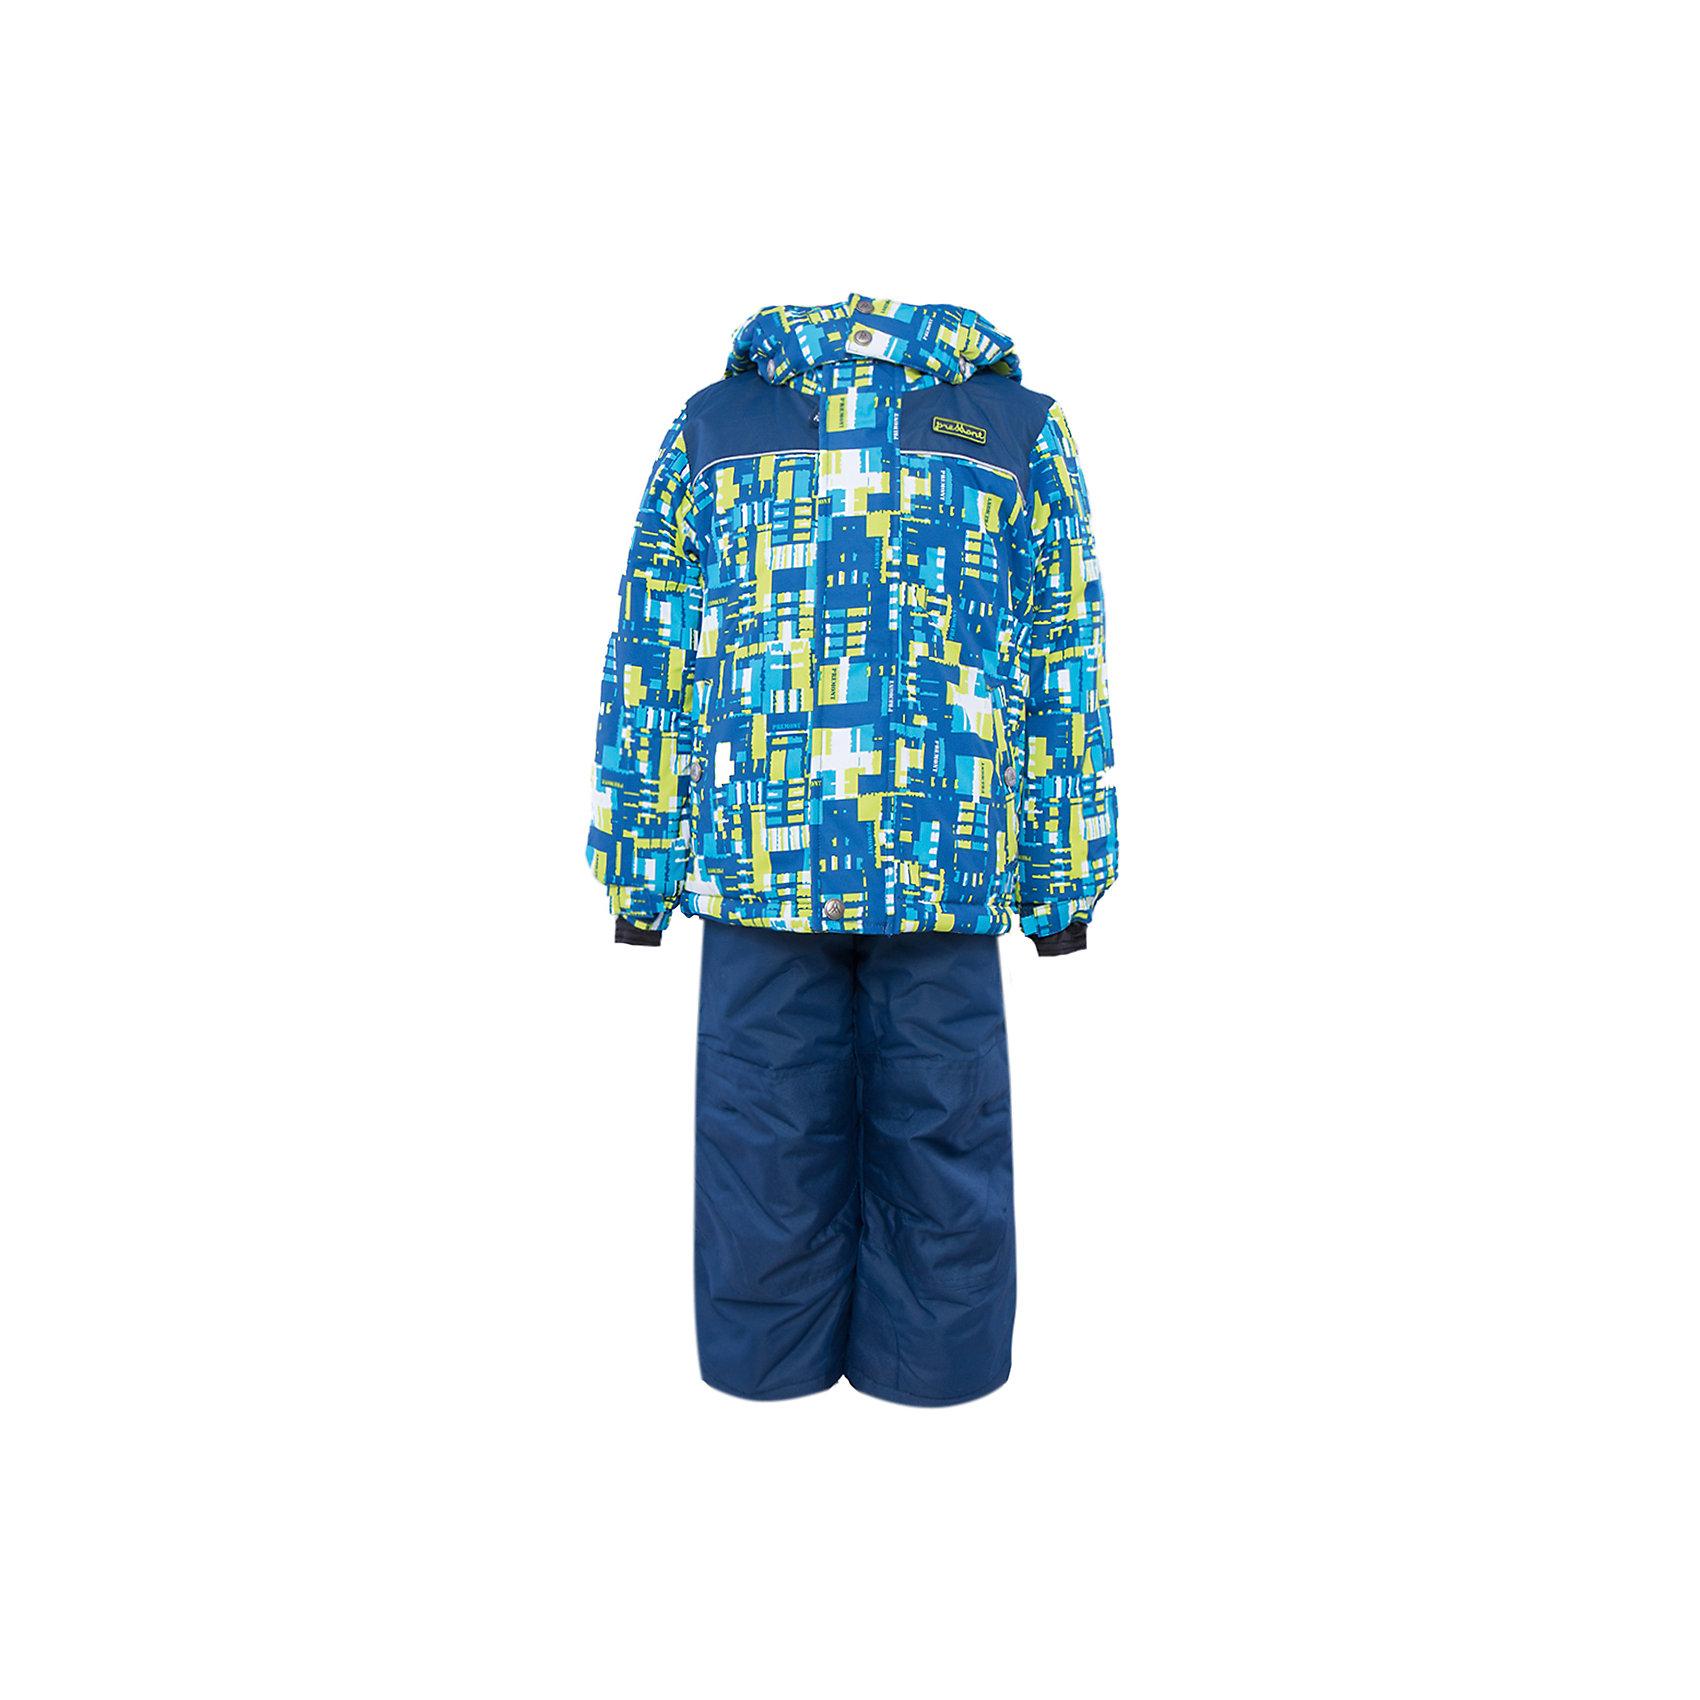 Комплект: куртка и брюки для мальчика PremontВерхняя одежда<br>Комплект: куртка и брюки для мальчика от известного бренда Premont.<br>Лонглит – самый длинный лабиринт в мире, прогулка по его дорожкам – не только удовольствие, но и непростая головоломка, проверка сообразительности. Данный принт, непременно заставит ребенка включить свое воображение и фантазию.<br>Брюки до 6 лет идут с высокой грудкой, после 6 лет - с отстегивающейся спинкой.<br>Состав:<br>Ткань верха: мембрана 5000мм/5000г/м2/24h, Taslan<br>Подклад: Polarfleece (тело, капюшон, манжеты), Taffeta (брюки, рукава, снежная юбка) Утеплитель: Tech-polyfill (куртка 280г, брюки 180г)<br><br>Ширина мм: 356<br>Глубина мм: 10<br>Высота мм: 245<br>Вес г: 519<br>Цвет: синий<br>Возраст от месяцев: 18<br>Возраст до месяцев: 24<br>Пол: Мужской<br>Возраст: Детский<br>Размер: 92,164,98,100,104,110,116,120,122,128,140<br>SKU: 4996818